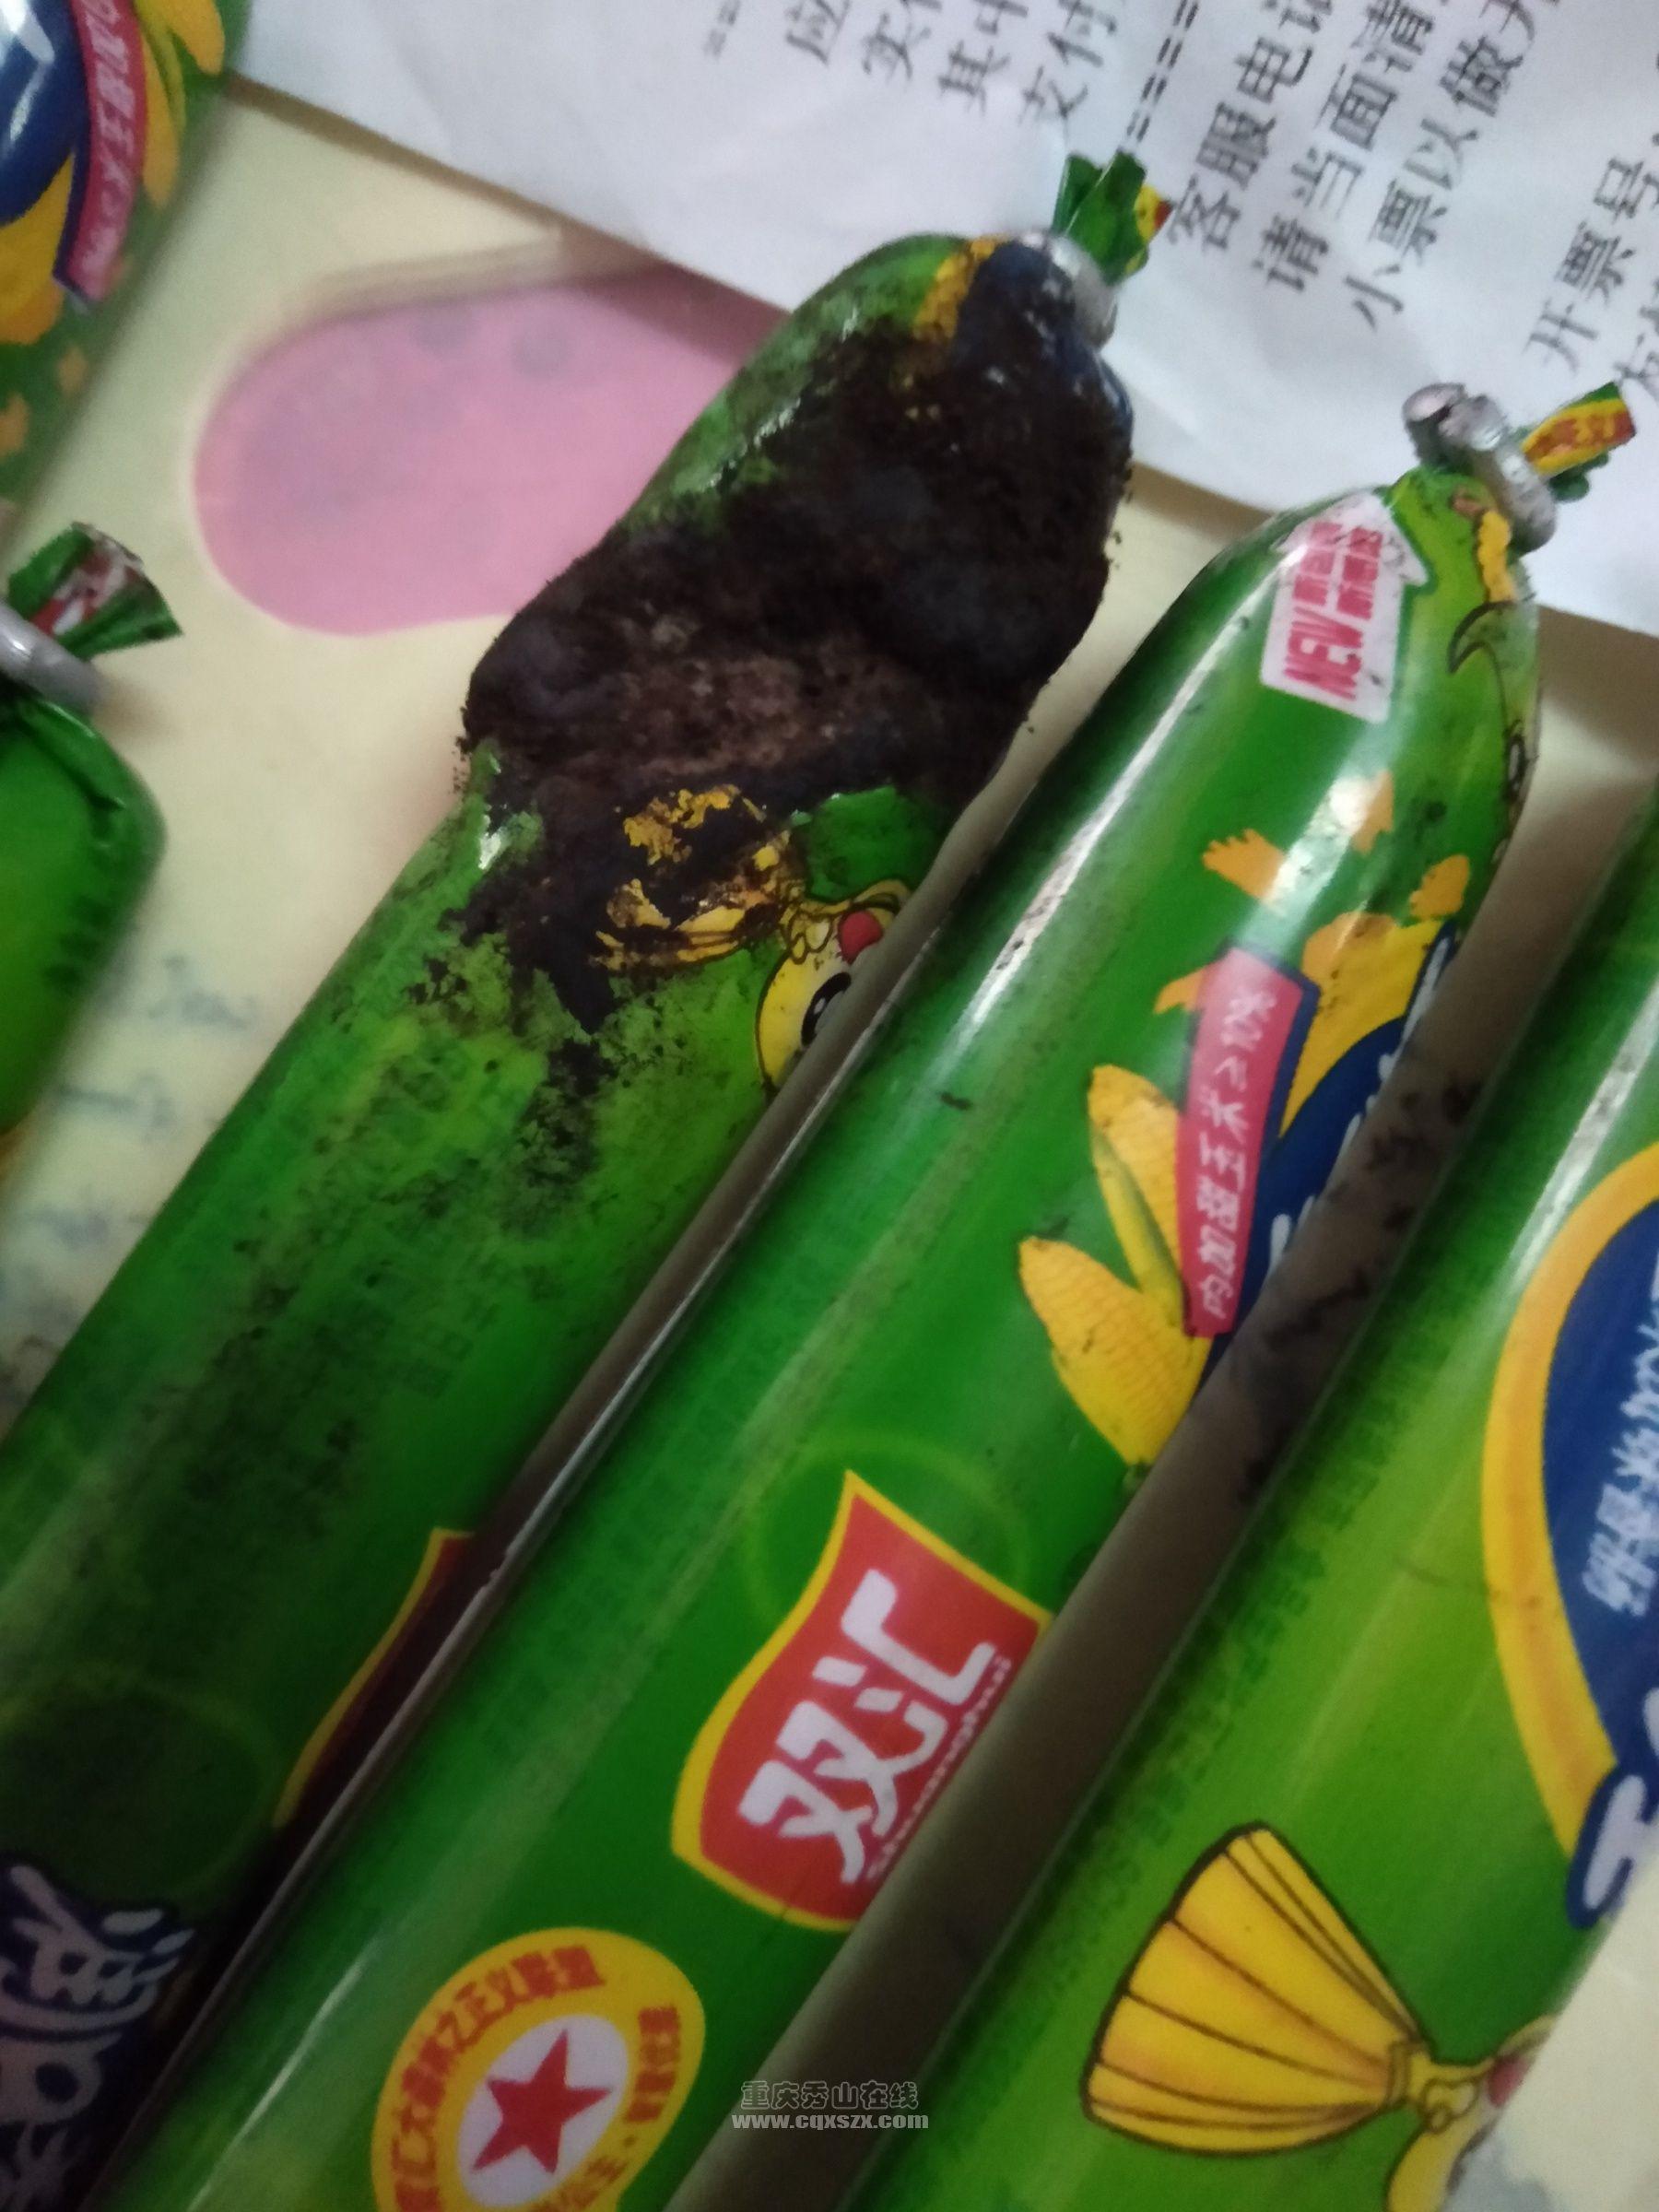 秀山这个超市卖的东西是从垃圾桶里面捡的吗